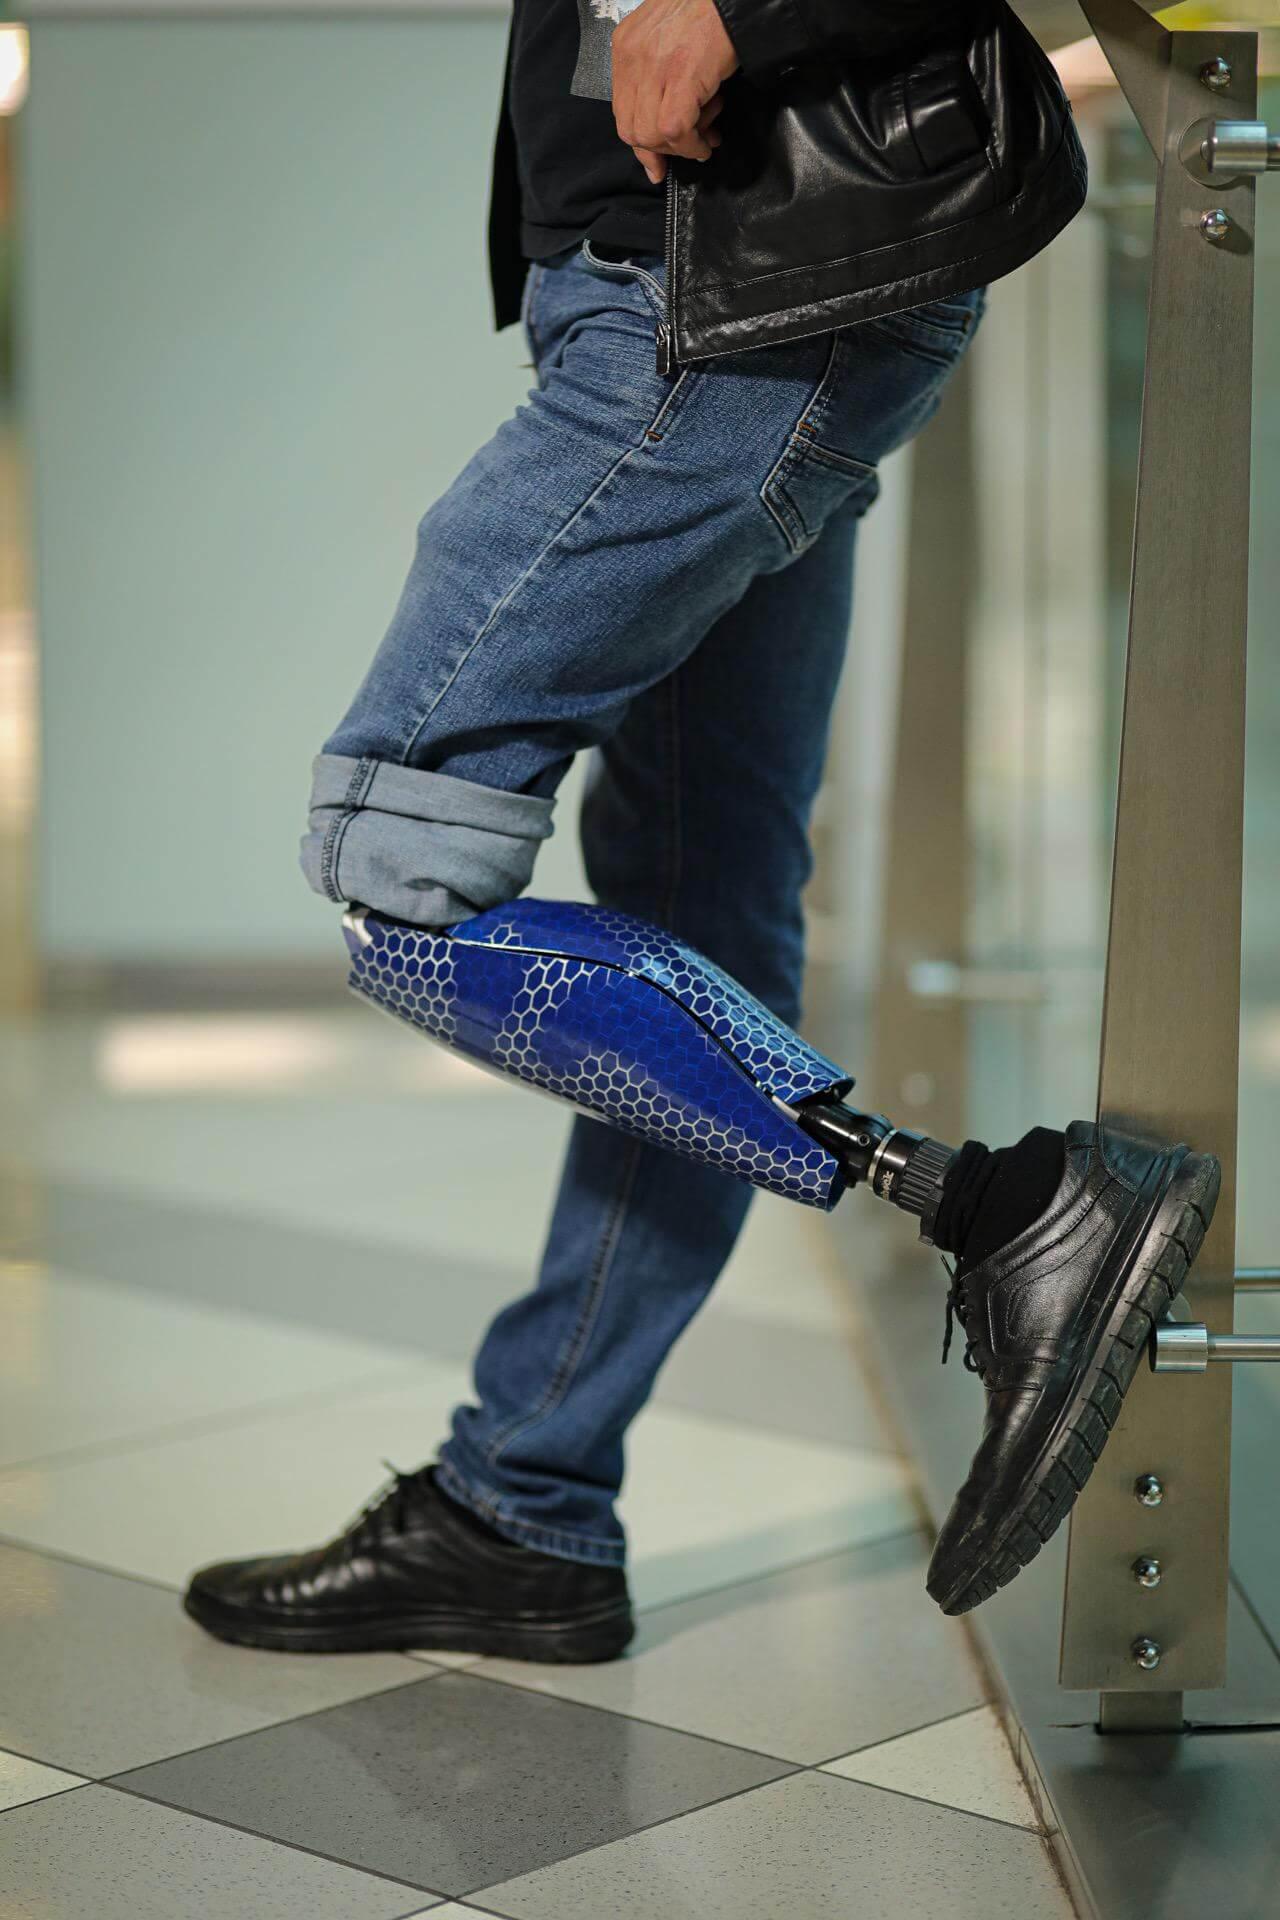 Протези за крака - Димитър 8 - Ortomedics